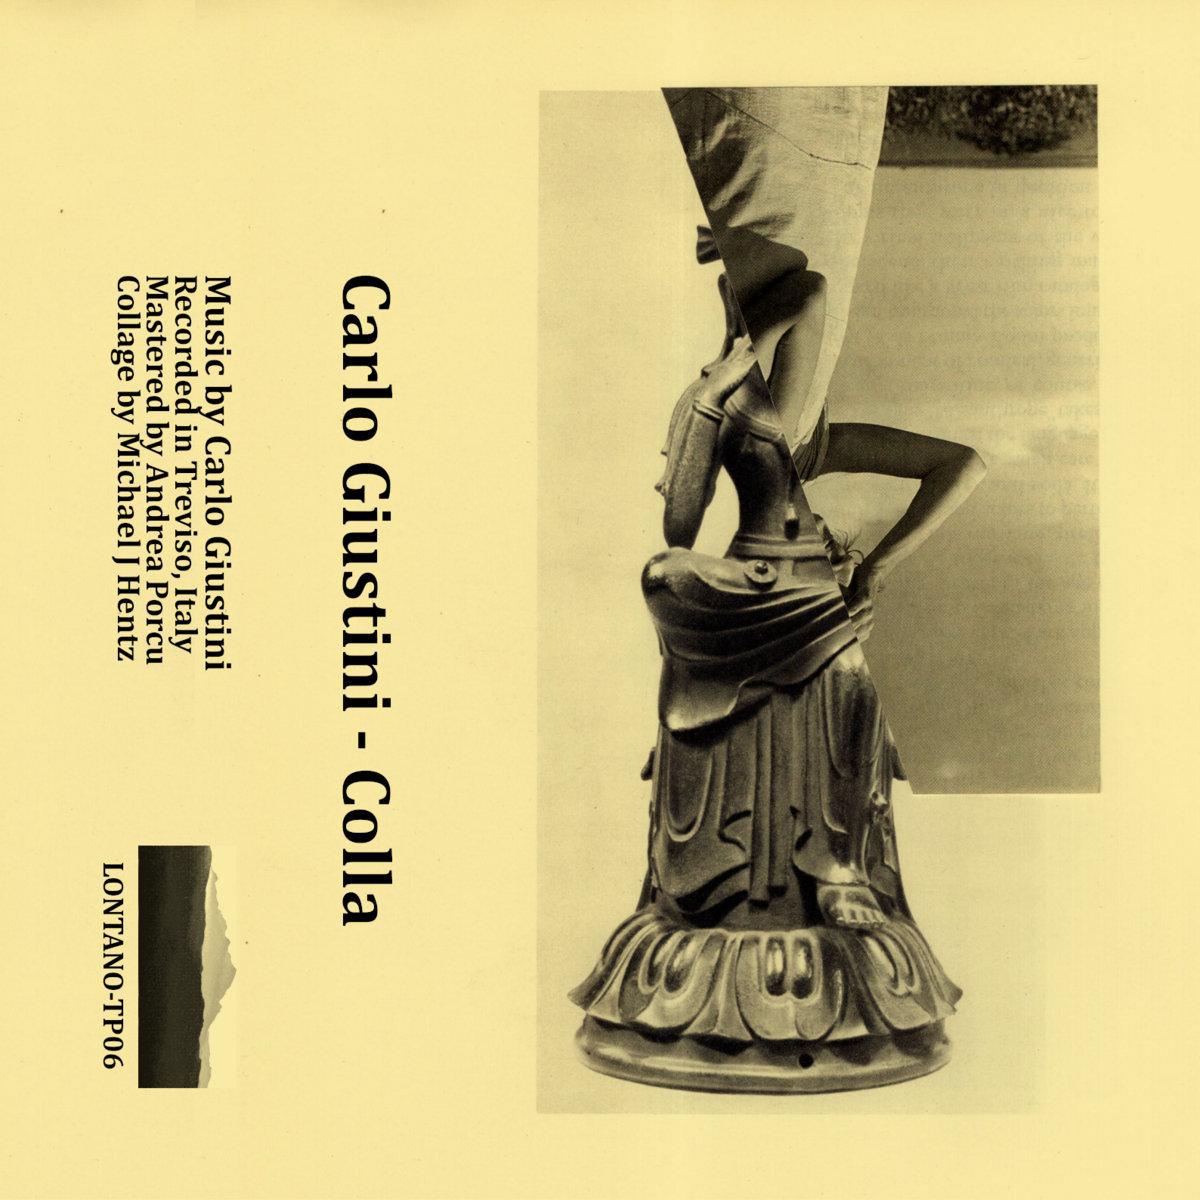 Carlo Giustini – Colla (Double Album)